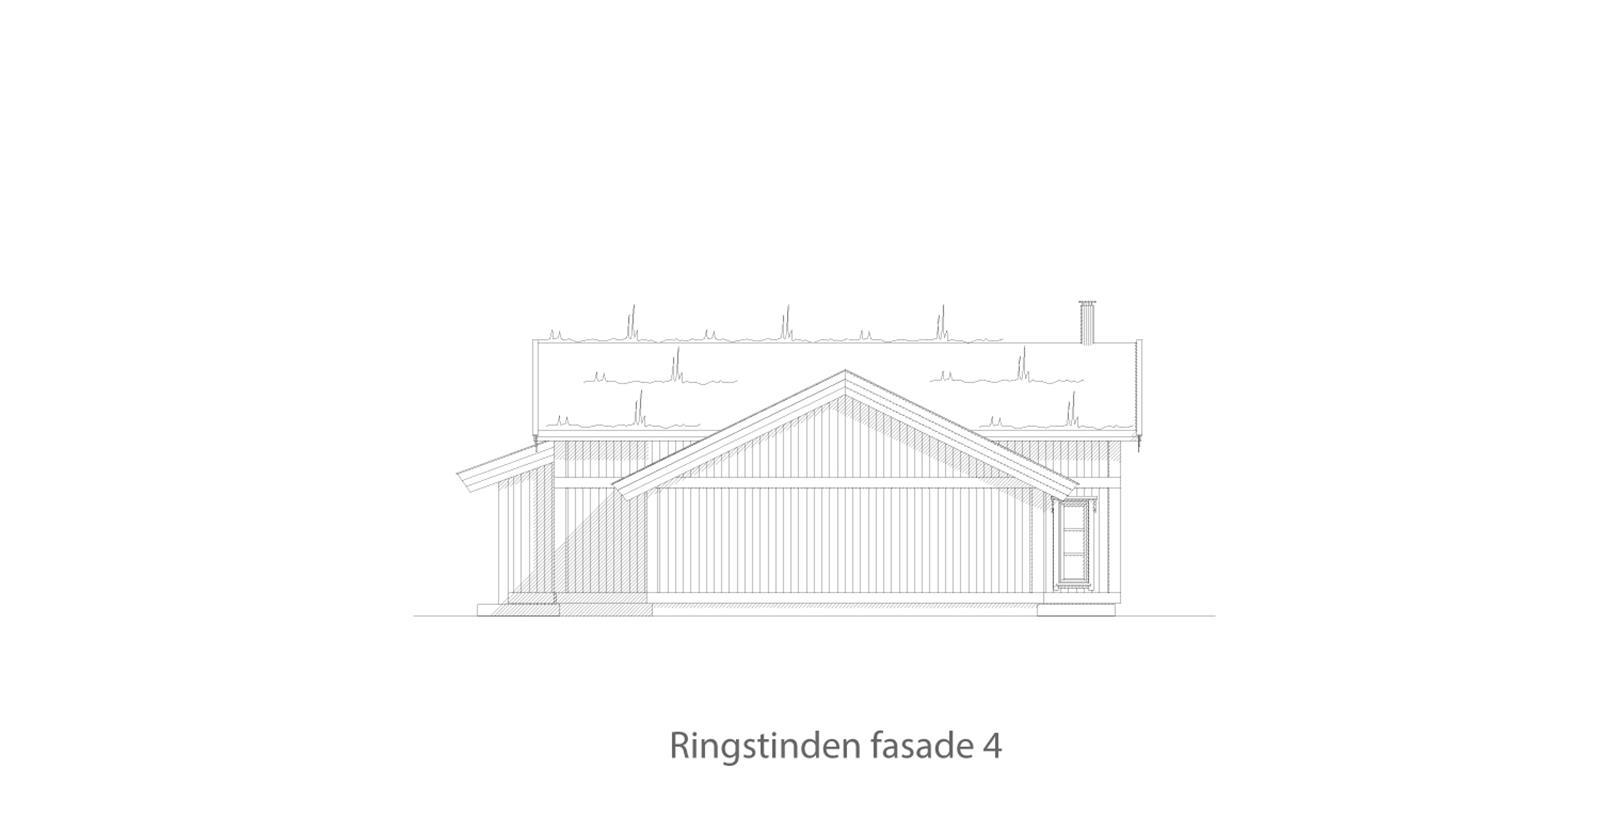 Ringstinden fasade 4